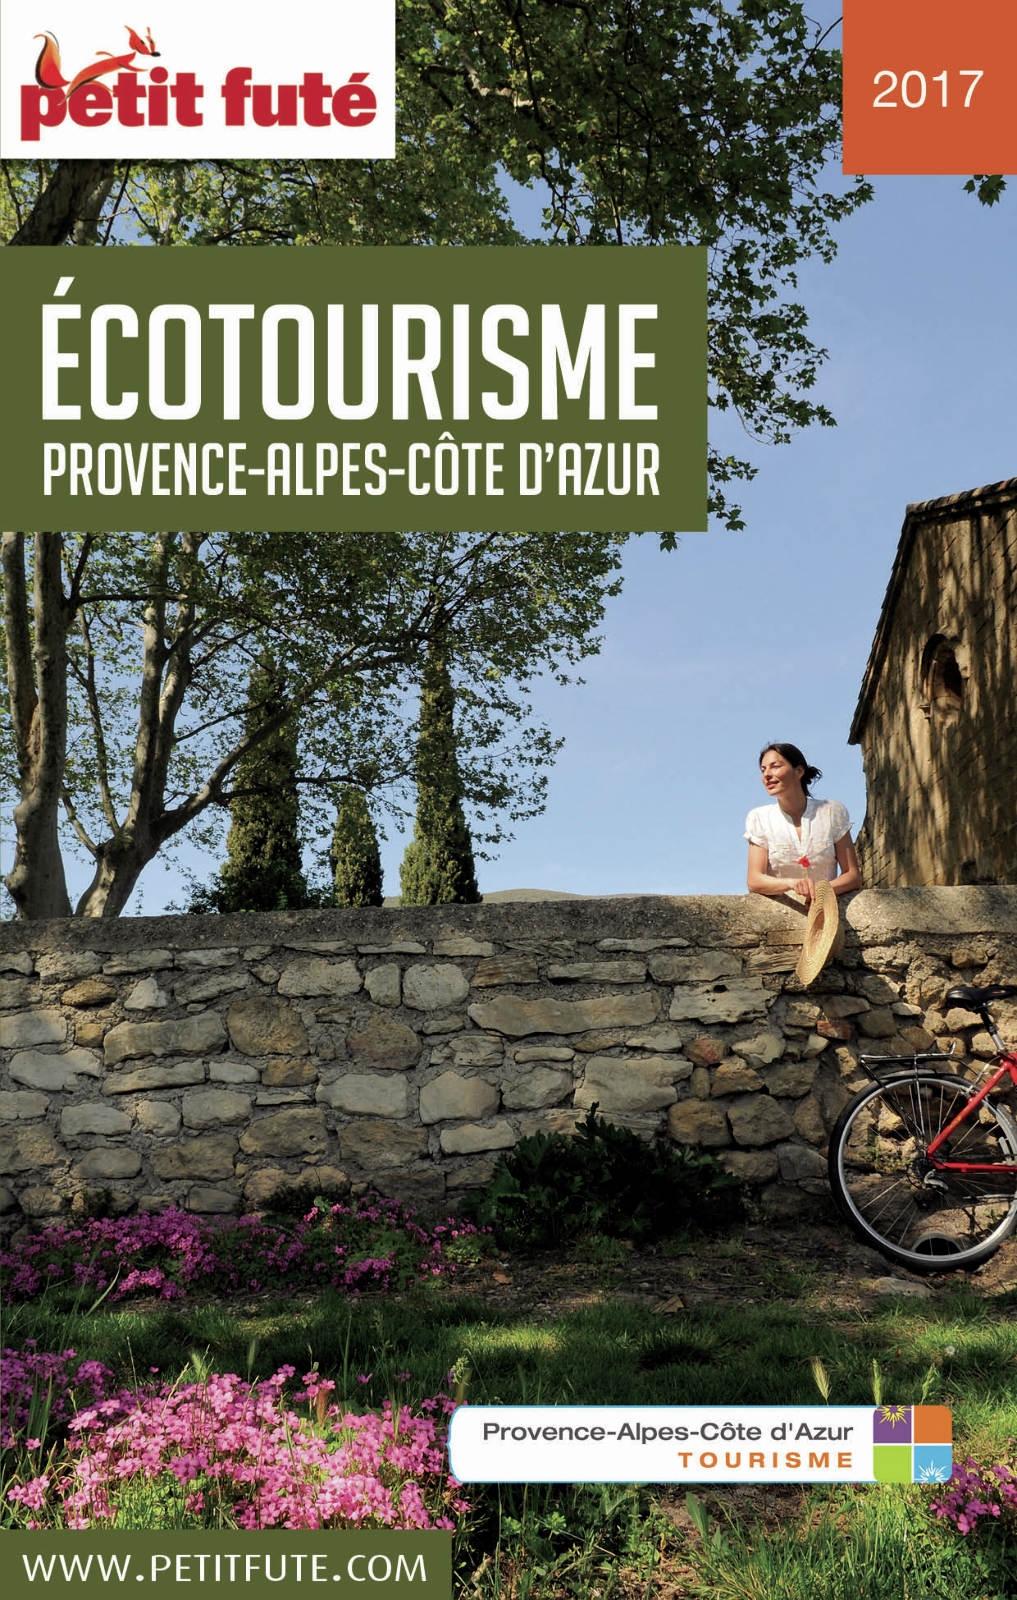 Ecotourisme 2017 Petit Futé | Auzias, Dominique